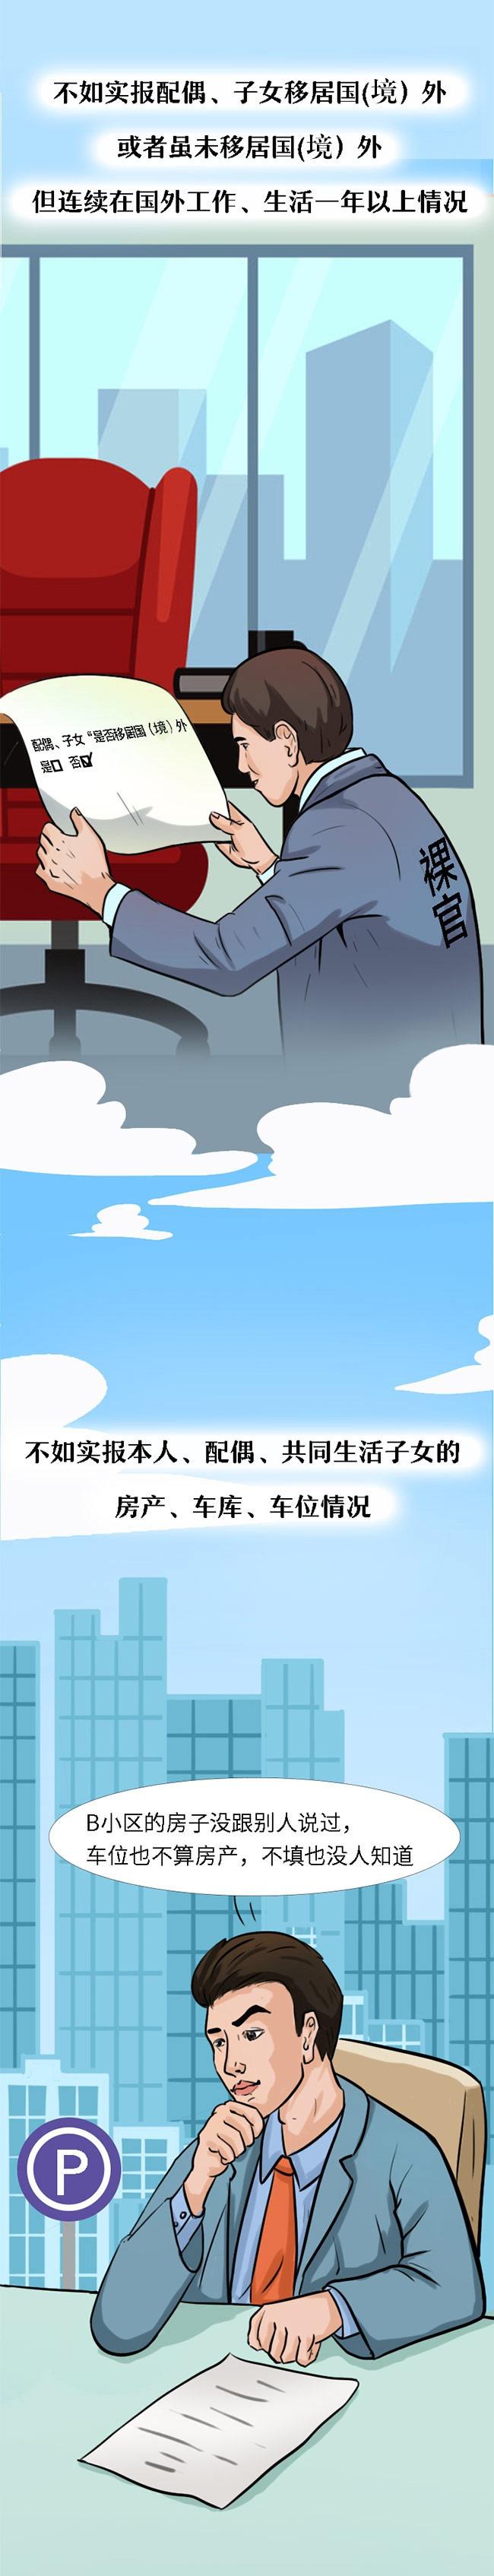 (中心纪委国度监委网站李文峰杭州市纪委监委杭州市滨江区纪委监委)